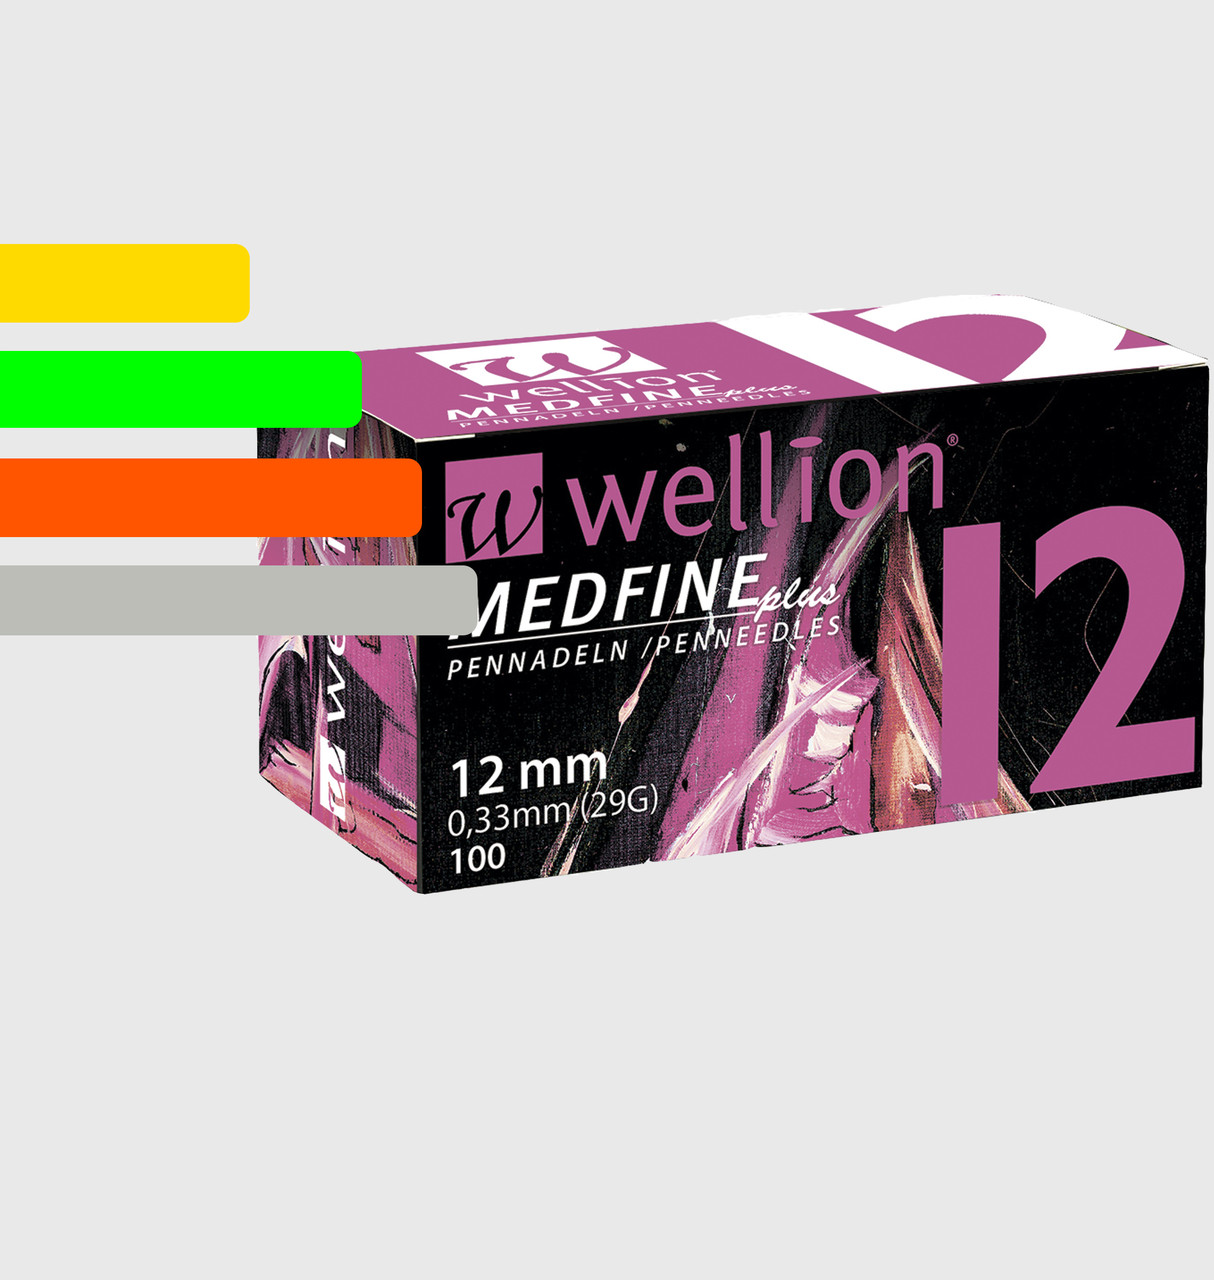 Иглы Wellion Medfine Plus - Веллион Медфайн 12мм, 29G для инсулиновых шприц-ручек